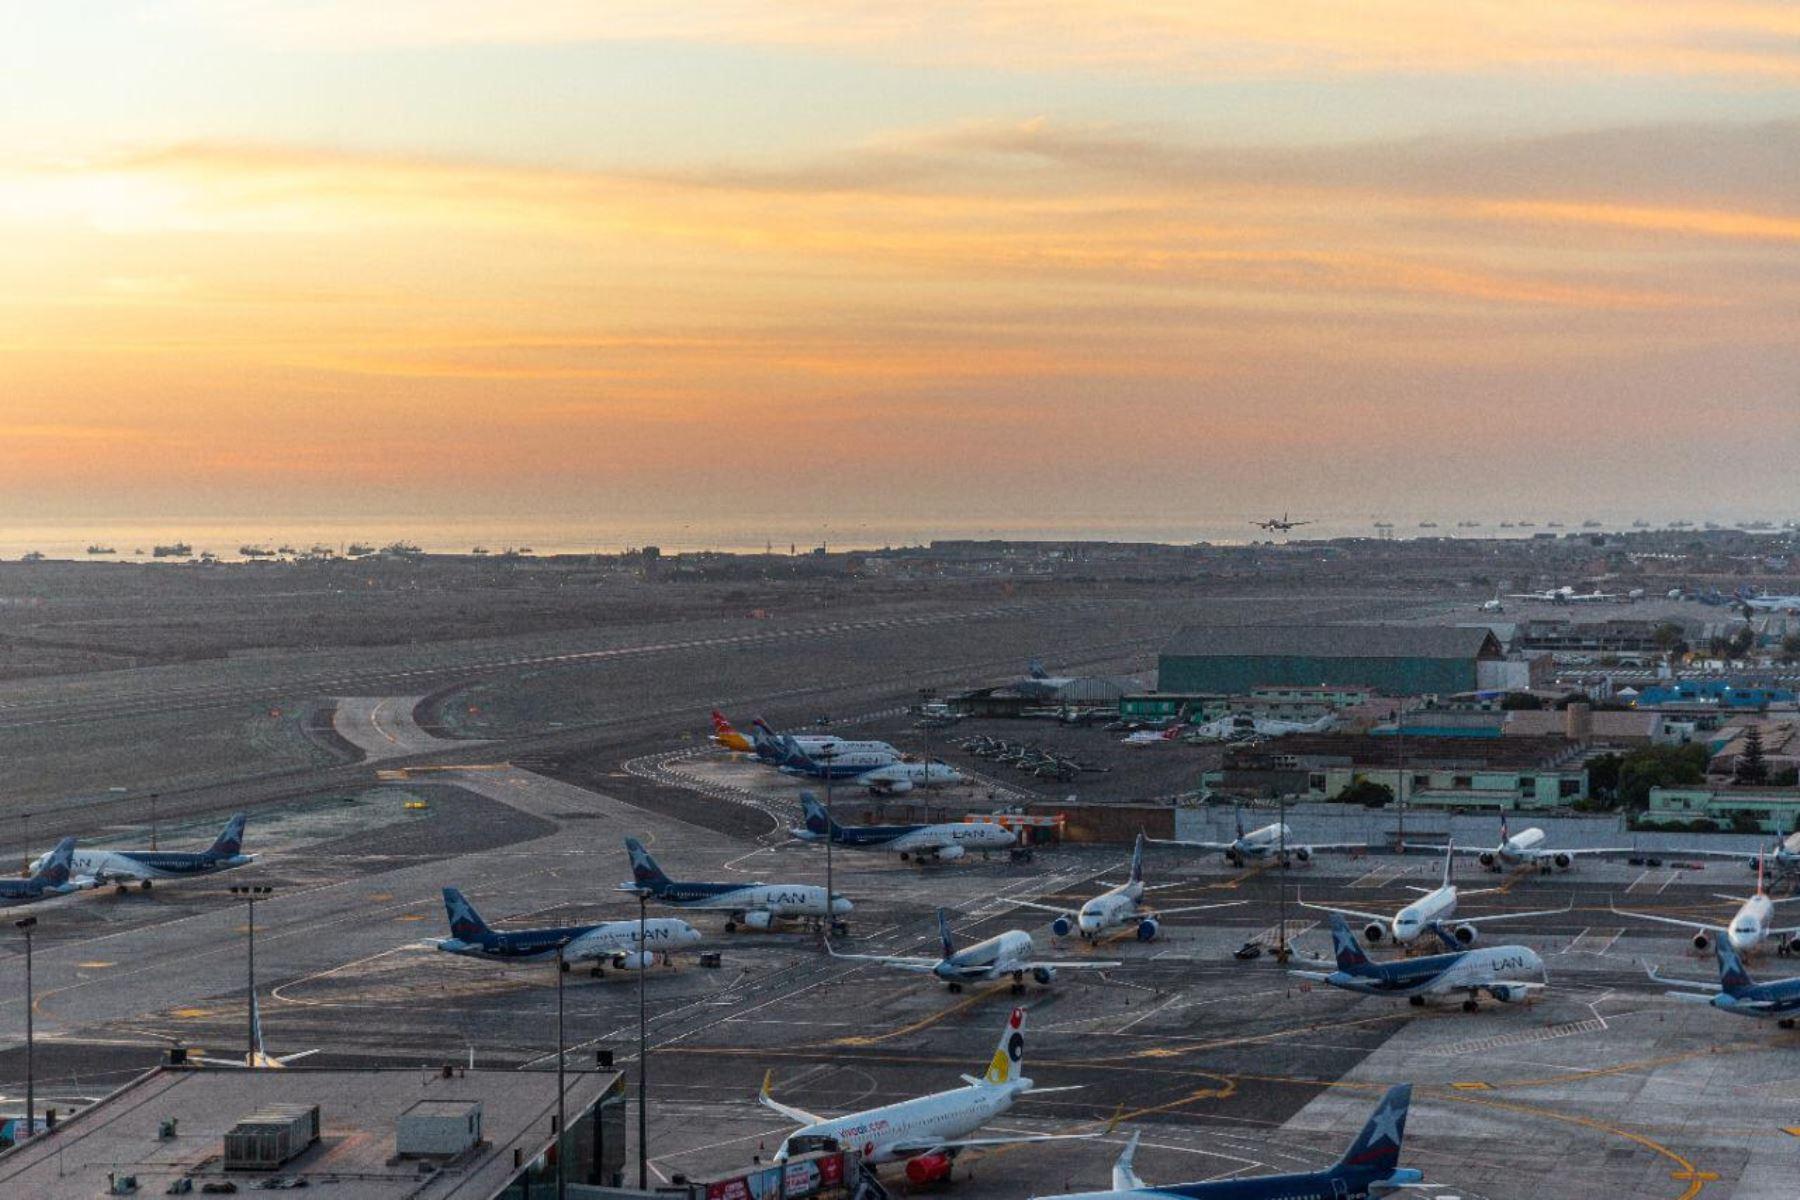 Desde el 15 de julio, tras el reinicio del transporte aéreo para pasajeros, hasta el 15 de octubre, el Aeropuerto Internacional Jorge Chávez ha registrado un total de 4,202 vuelos comerciales nacionales e internacionales, entre salidas y llegadas. Foto: LAP